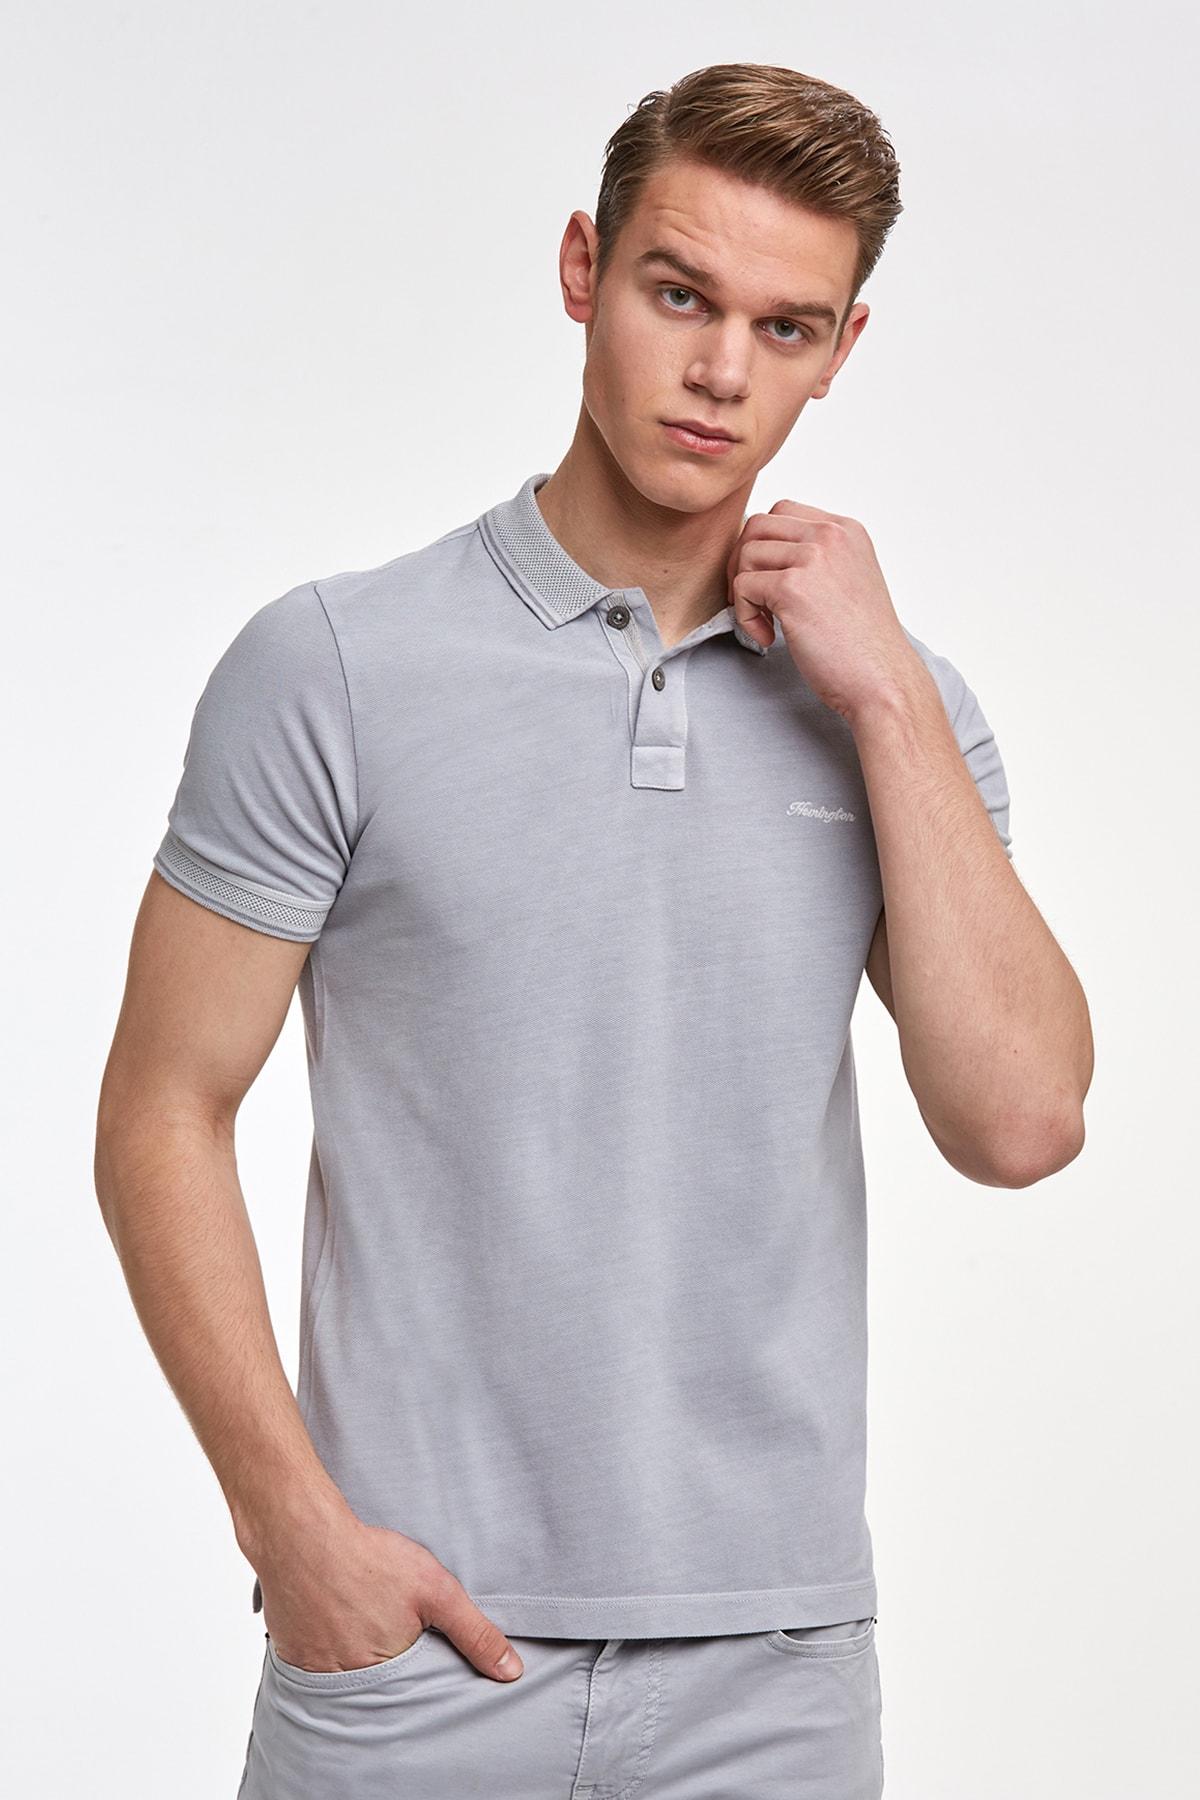 Hemington Erkek Vintage Görünümlü Gri Polo Yaka T-shirt 1